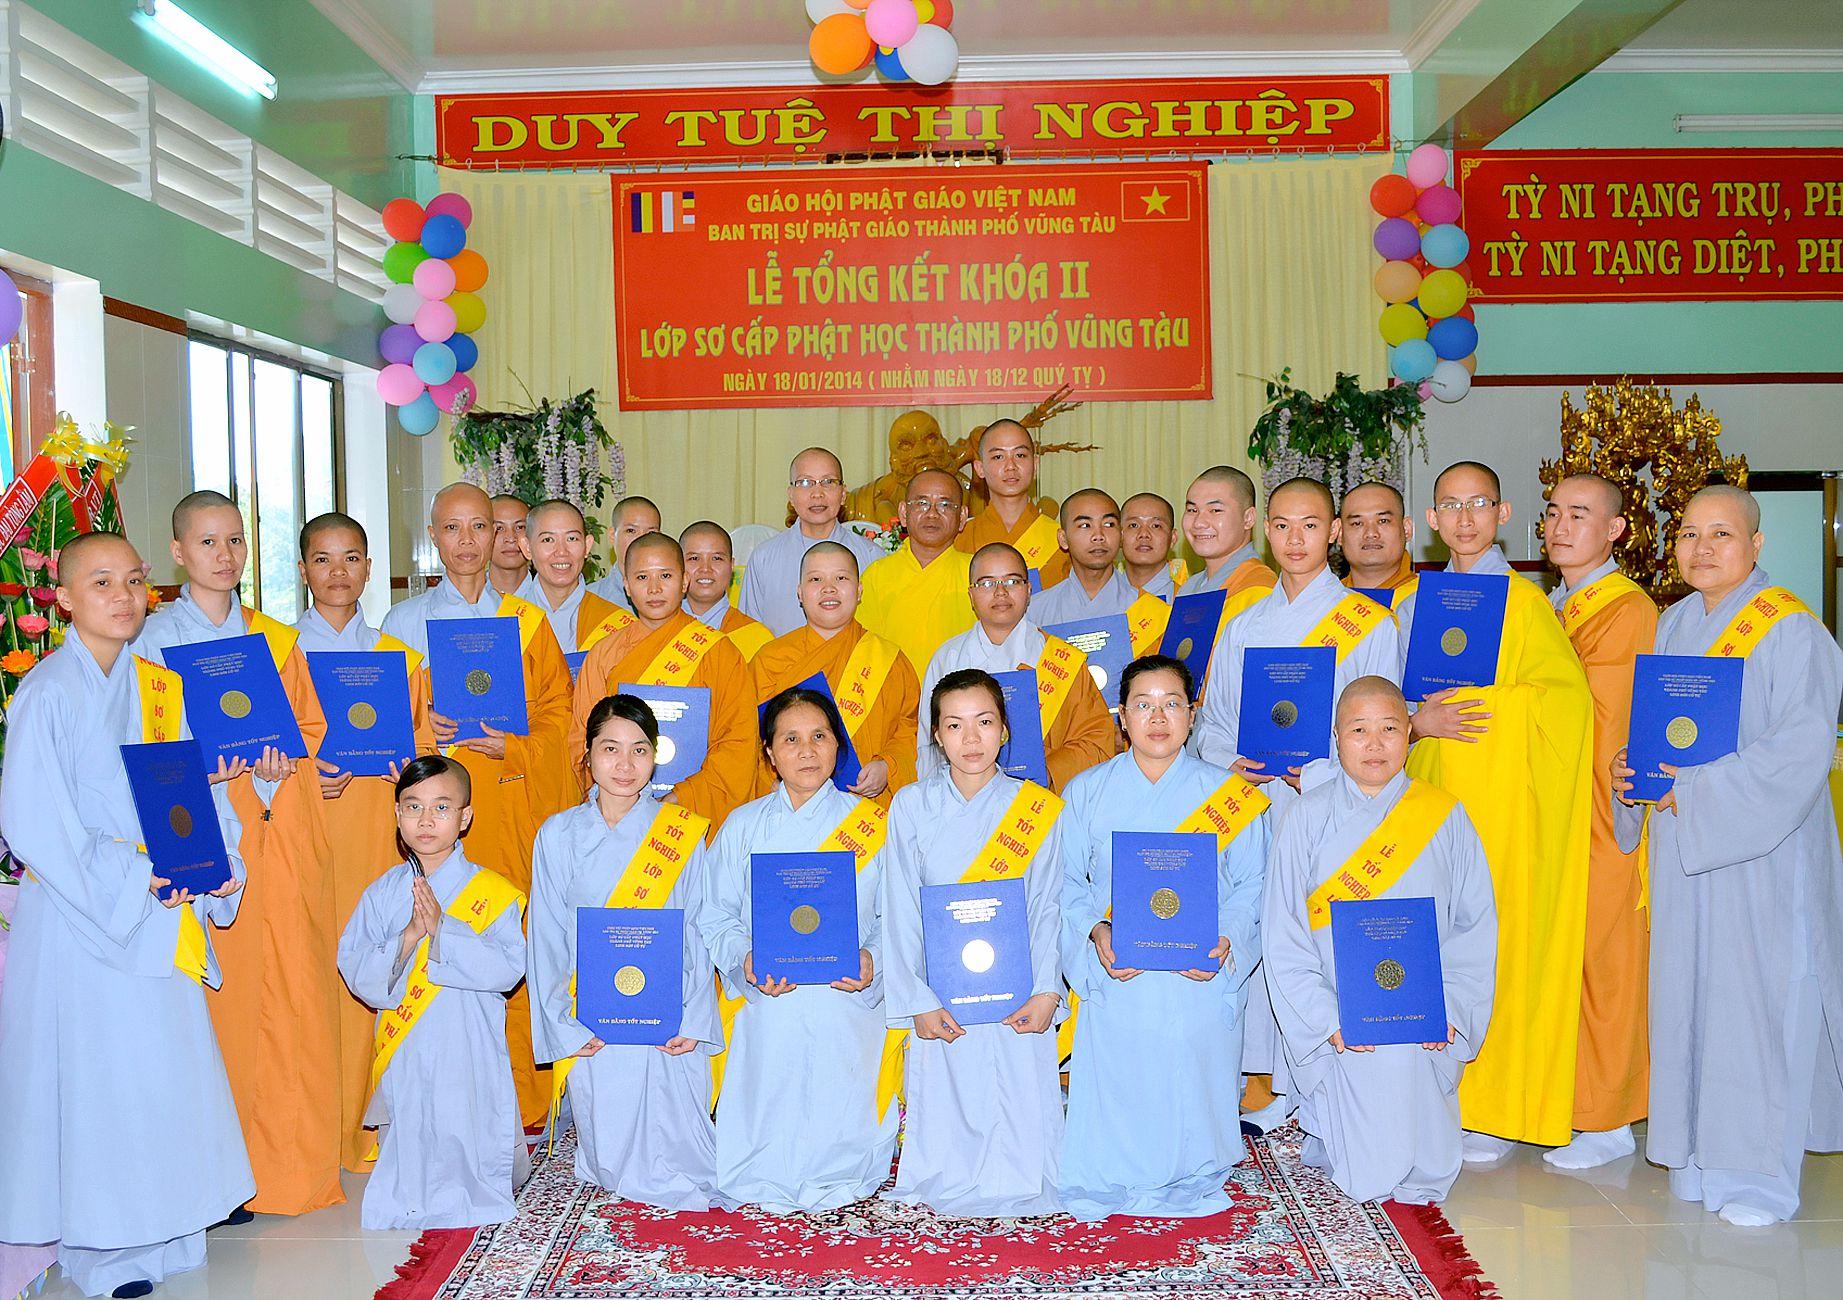 Tổng Kết Lớp Sơ Cấp Phật Học Khóa II